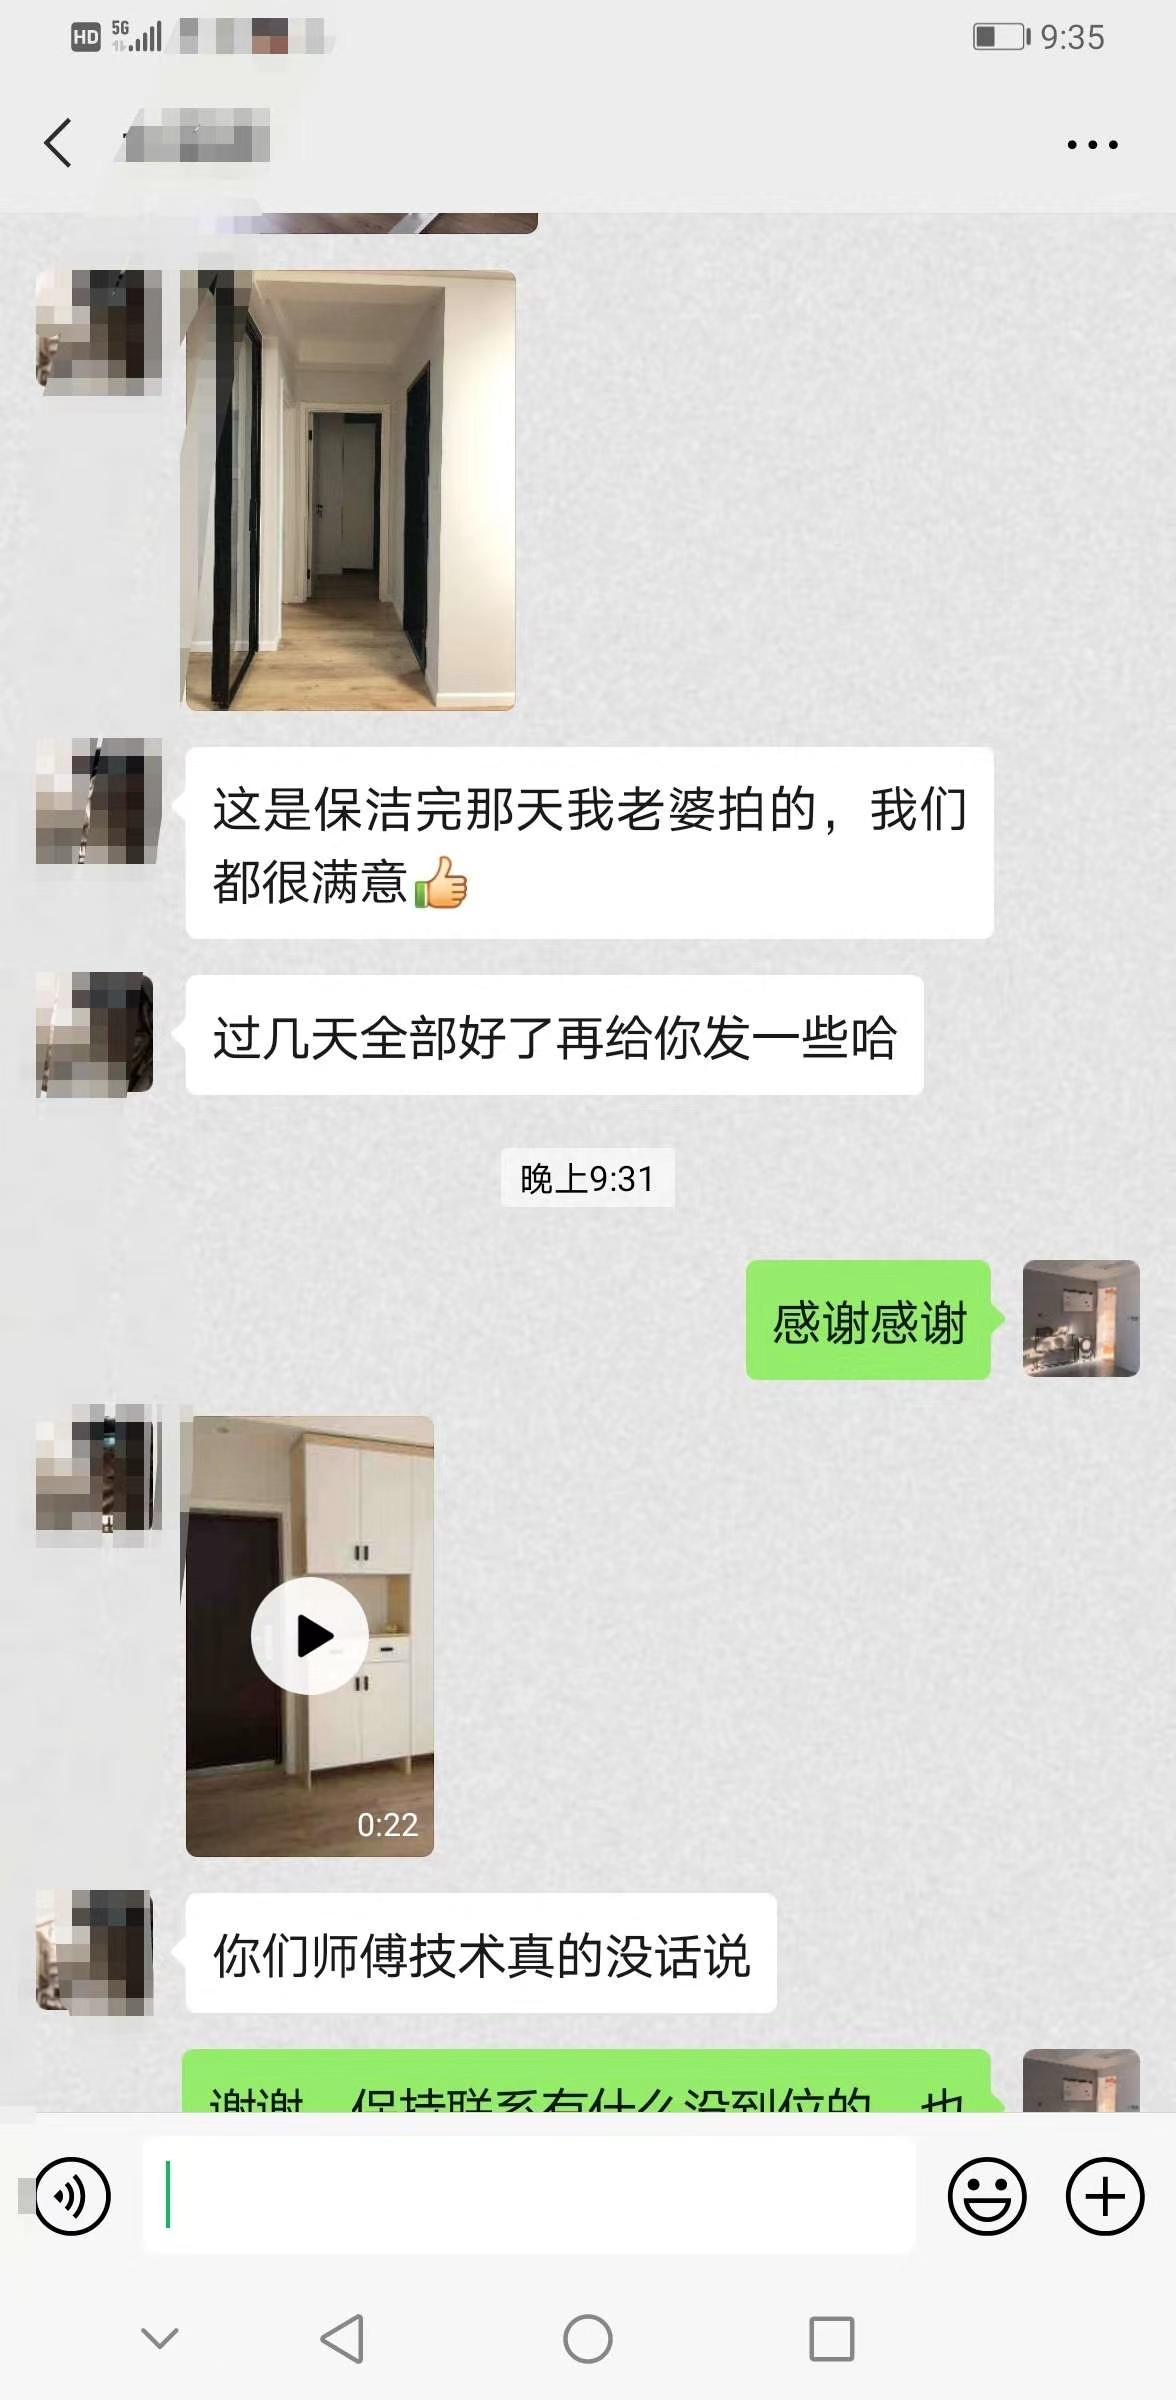 成都裝修隊 成都中鐵錦南匯裝修完工實景圖(業主提供)